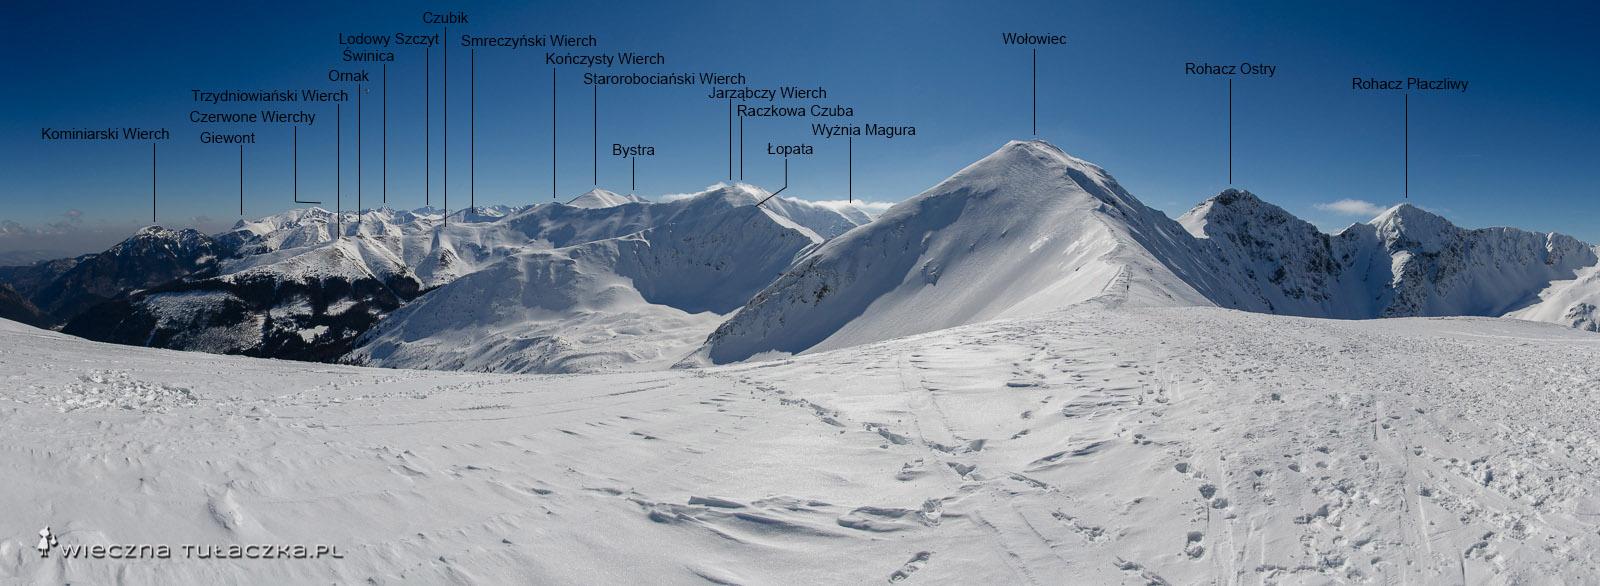 Panorama z Rakonia z podpisami